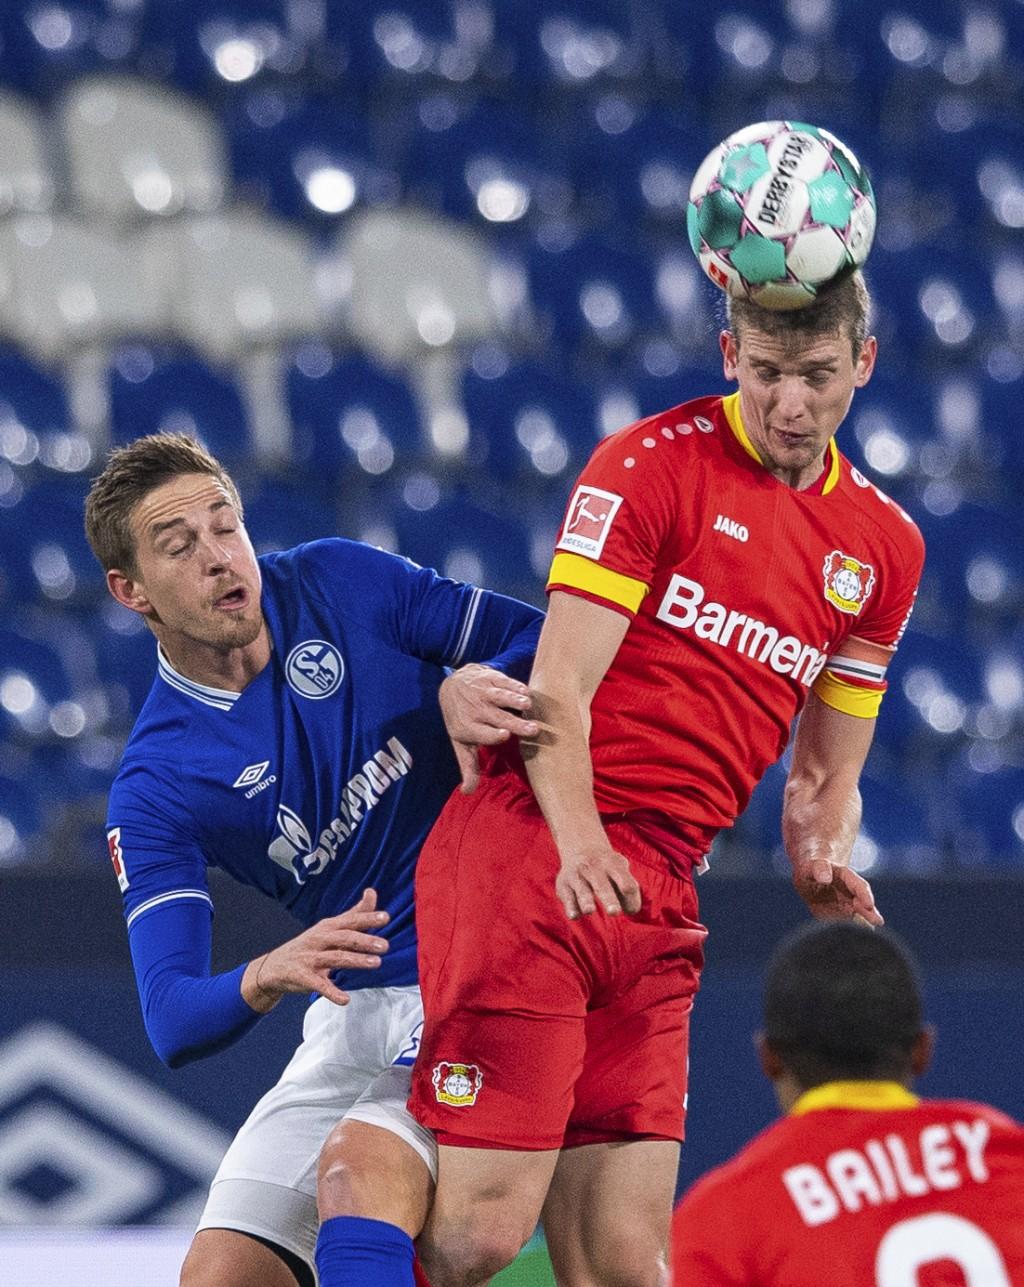 Leverkusen's Lars Bender, right, challenged by Schalke's Bastian Oczipka during their German Bundesliga soccer match at the Veltins Arena in Gelsenkir...